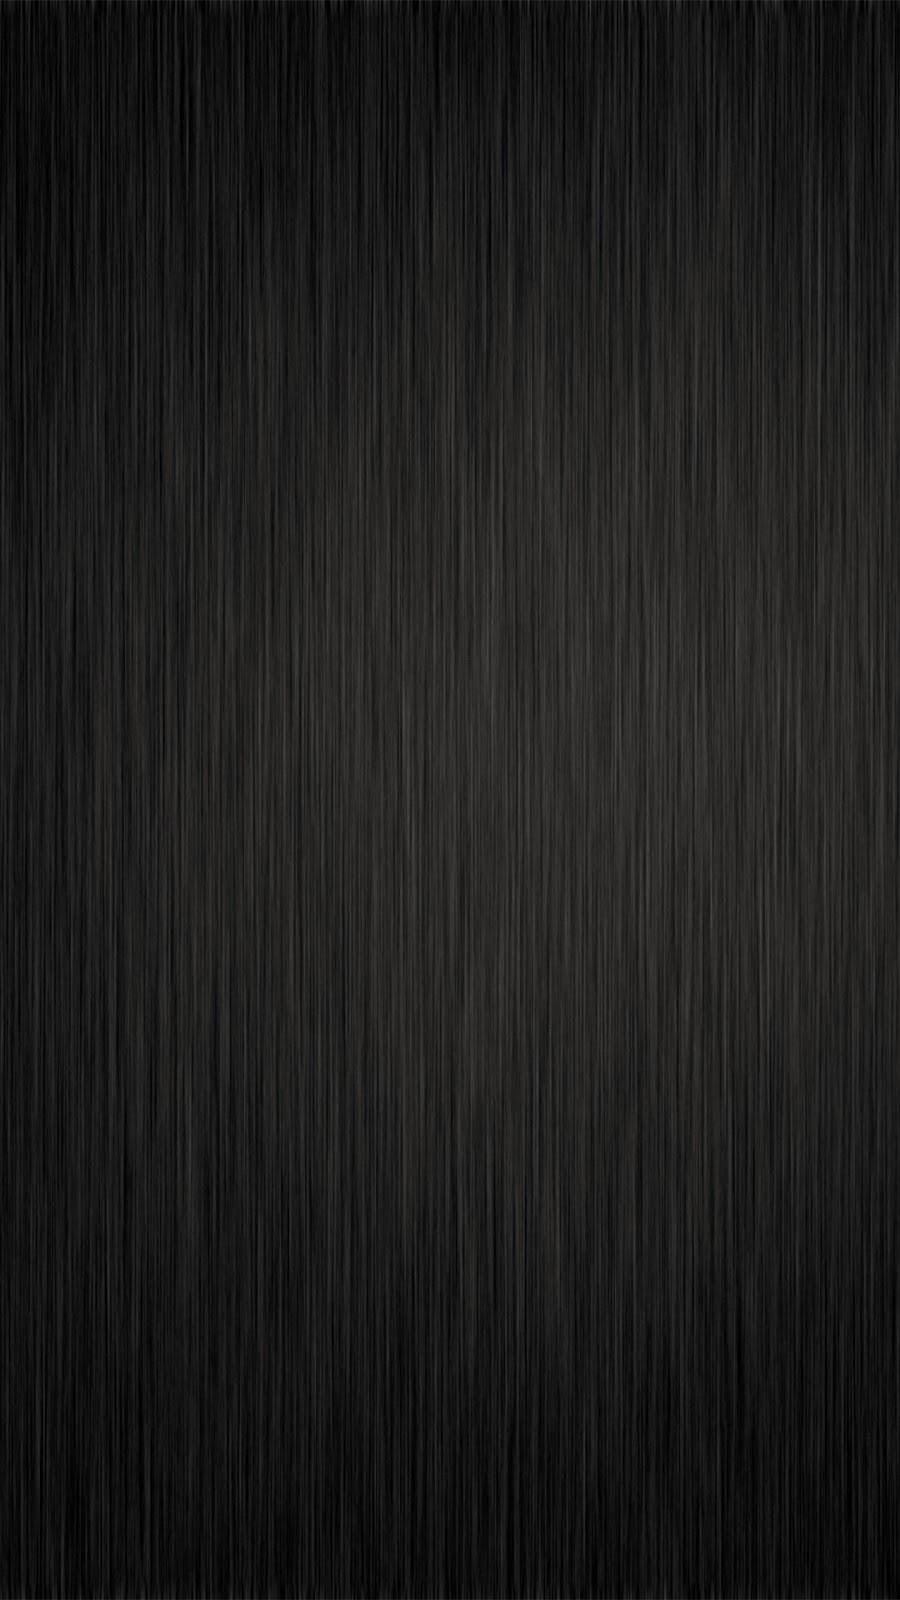 nokia lumia 1320 wallpaper black | blackberry themes